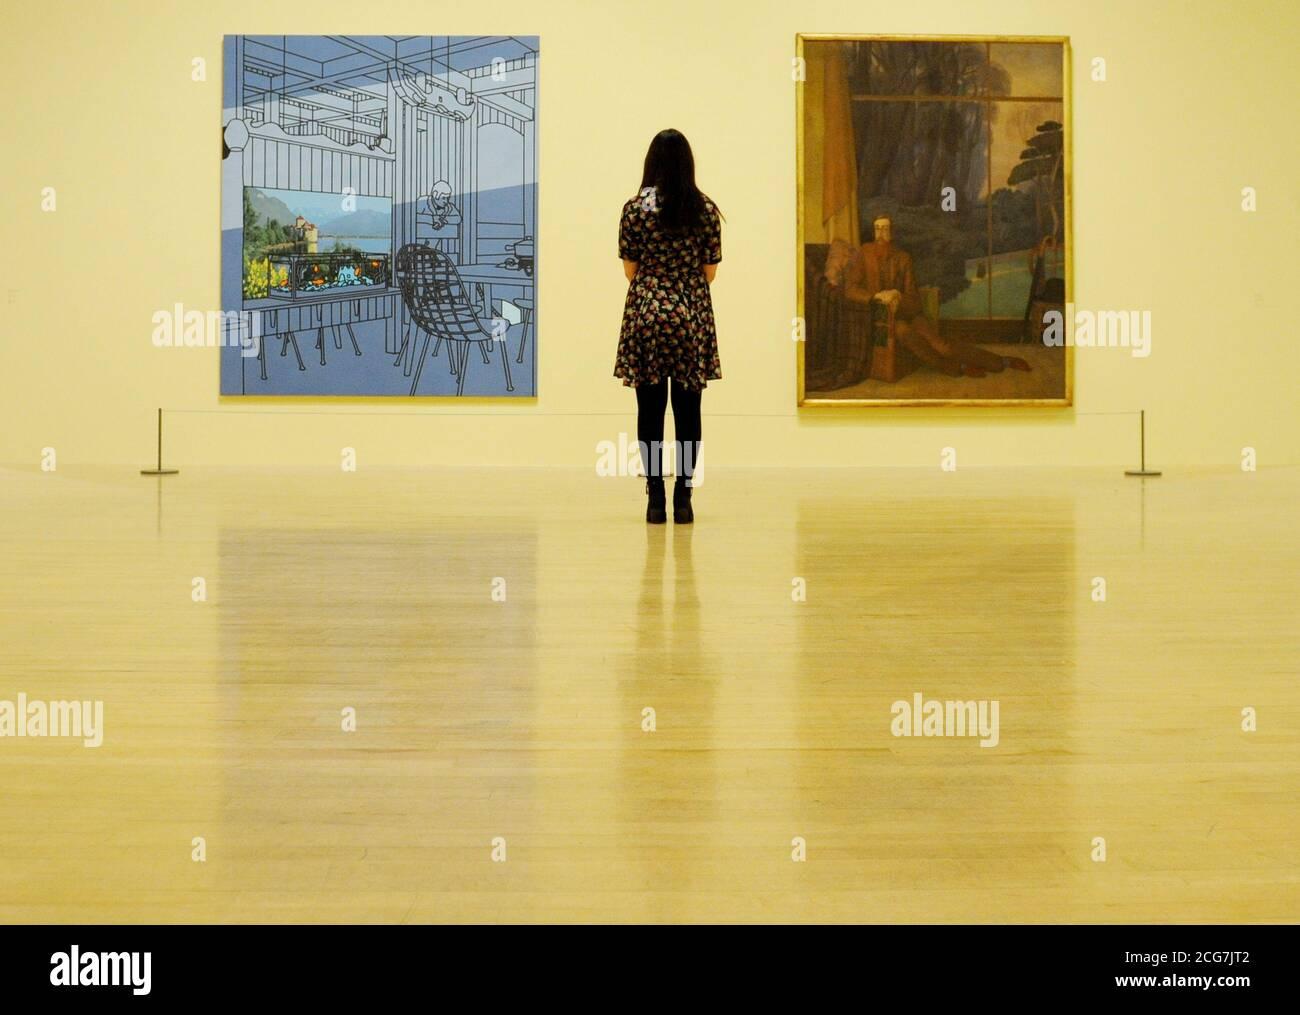 « After Lunch » (après le déjeuner) de Patrick Caulfield (à gauche) et « Lytton Strachey » de Henry Lamb, en spectacle côte à côte dans le cadre d'une nouvelle exposition à Tate Britain, Londres. Banque D'Images